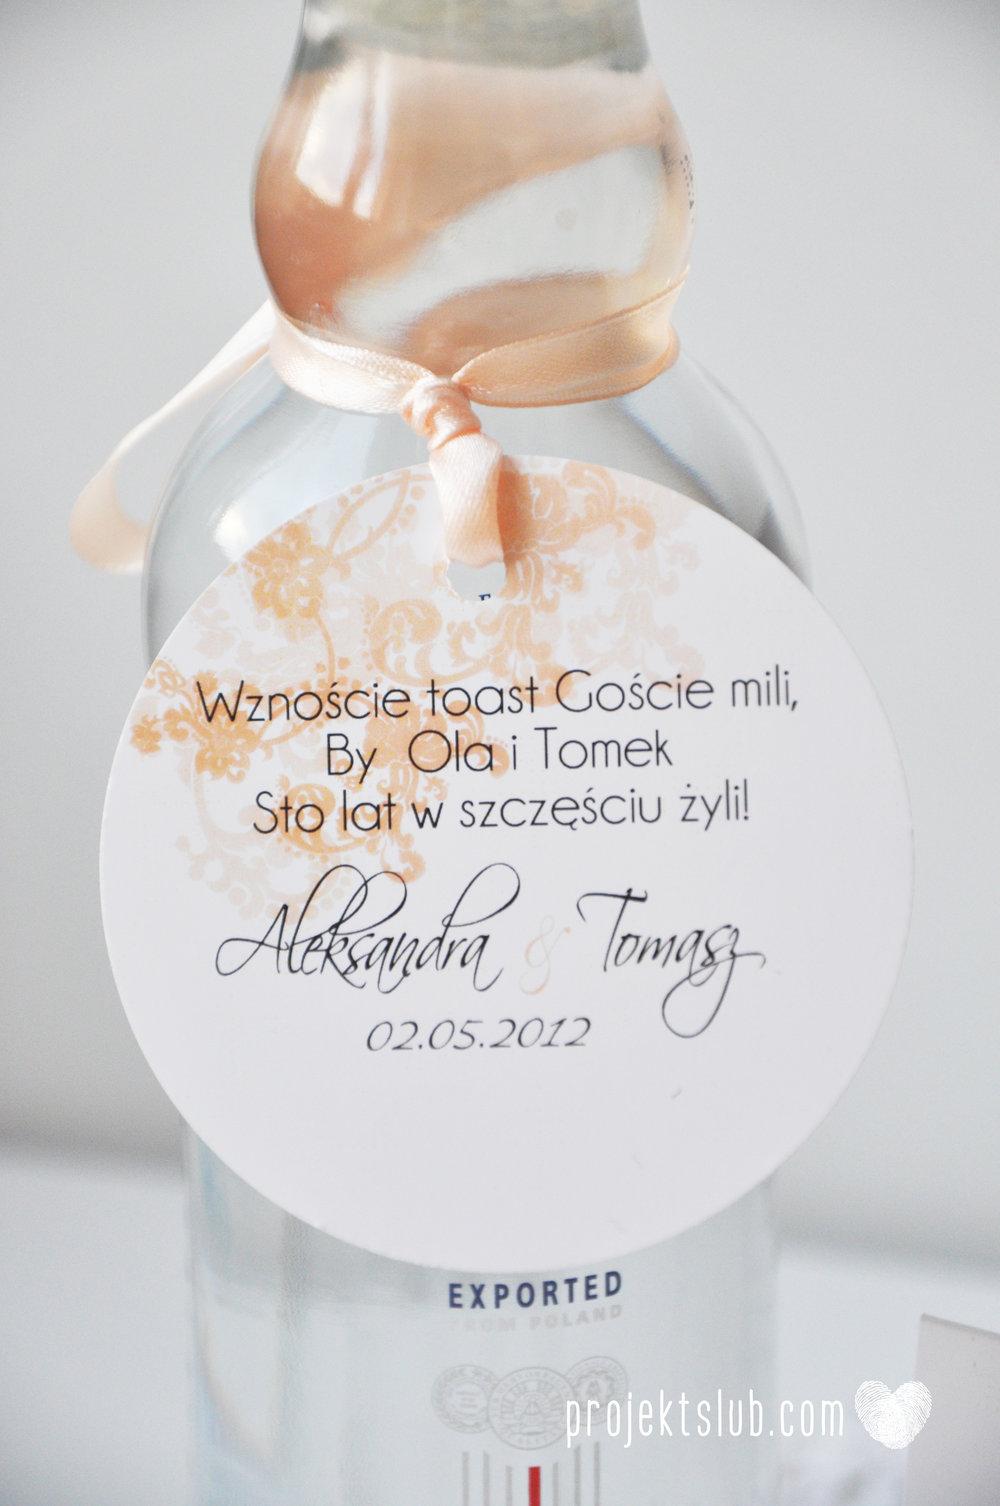 zaproszenia ślubne pudrowa elegancja róż pastele delikatne graficzne motywy klasyczny format projekt ślub (15).jpg